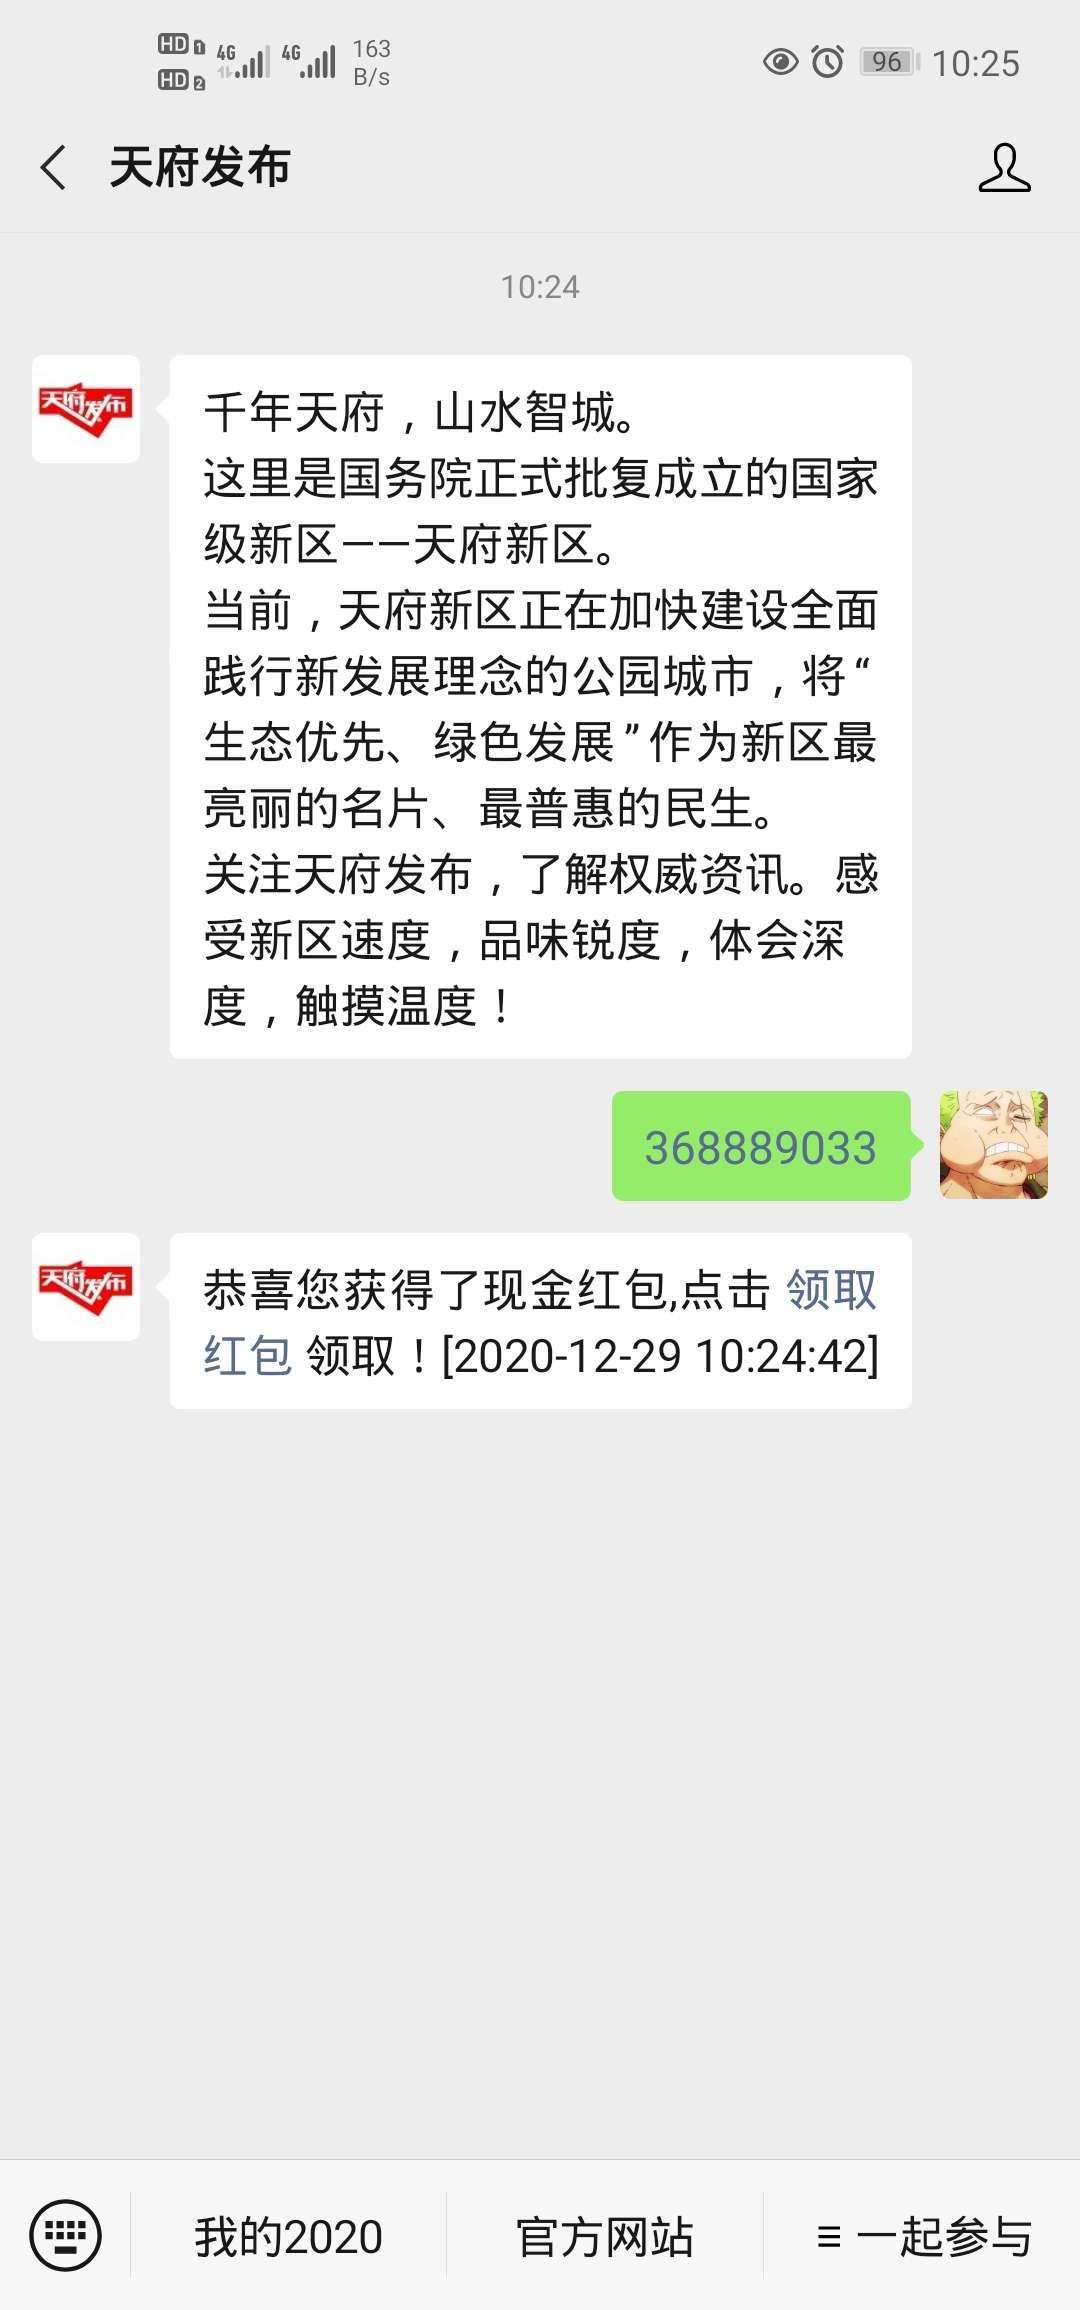 图片[1]-天府发布摇一摇领红包-老友薅羊毛活动线报网